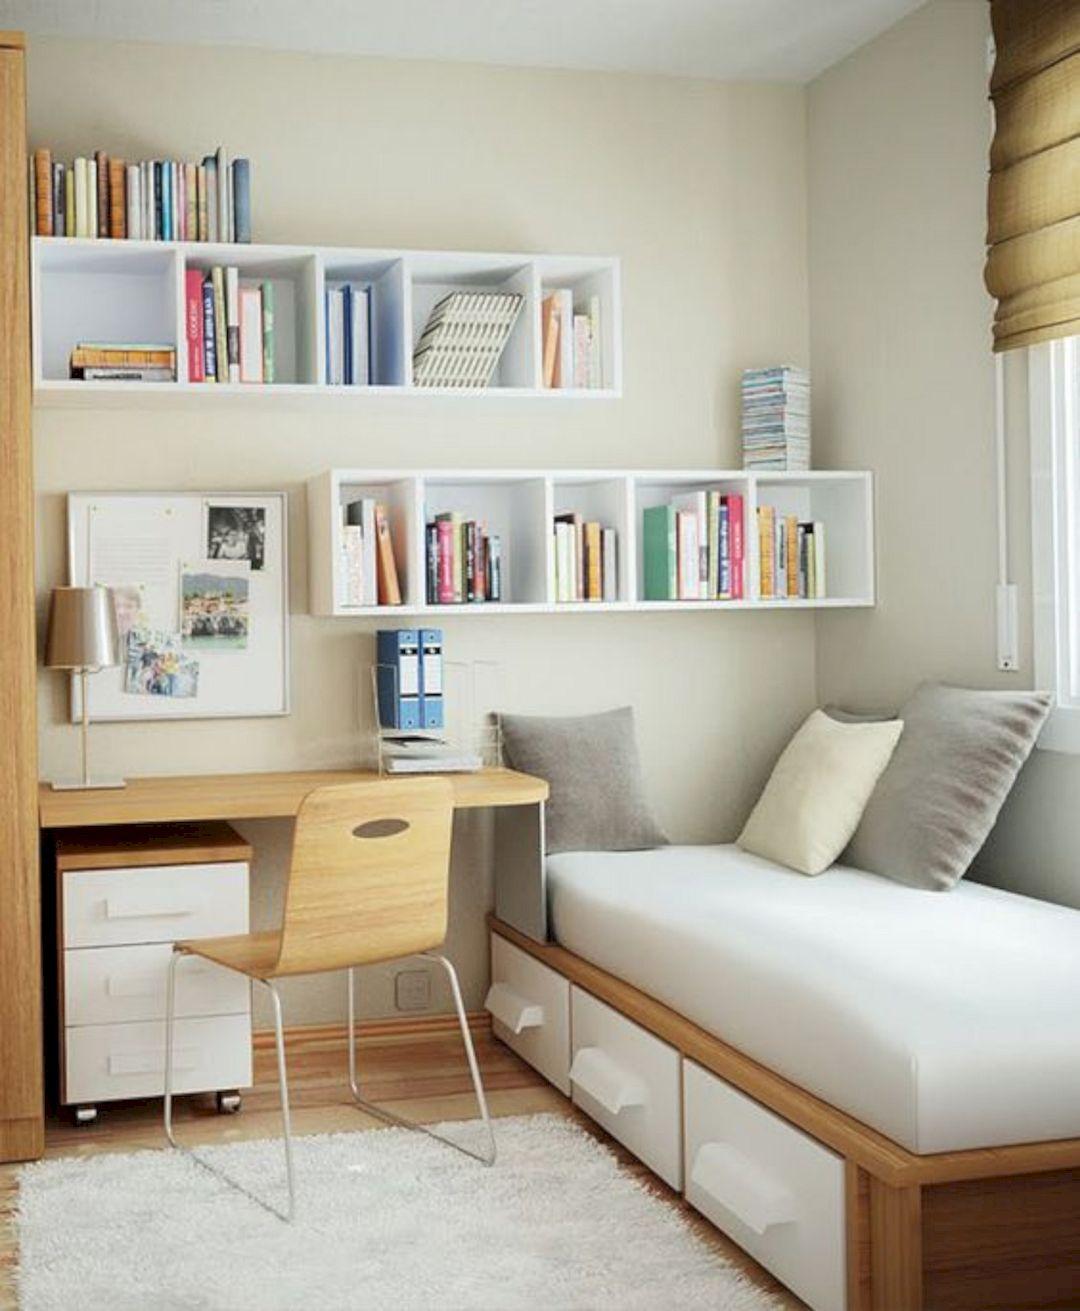 Medium Of Dorm Room Furniture Ideas